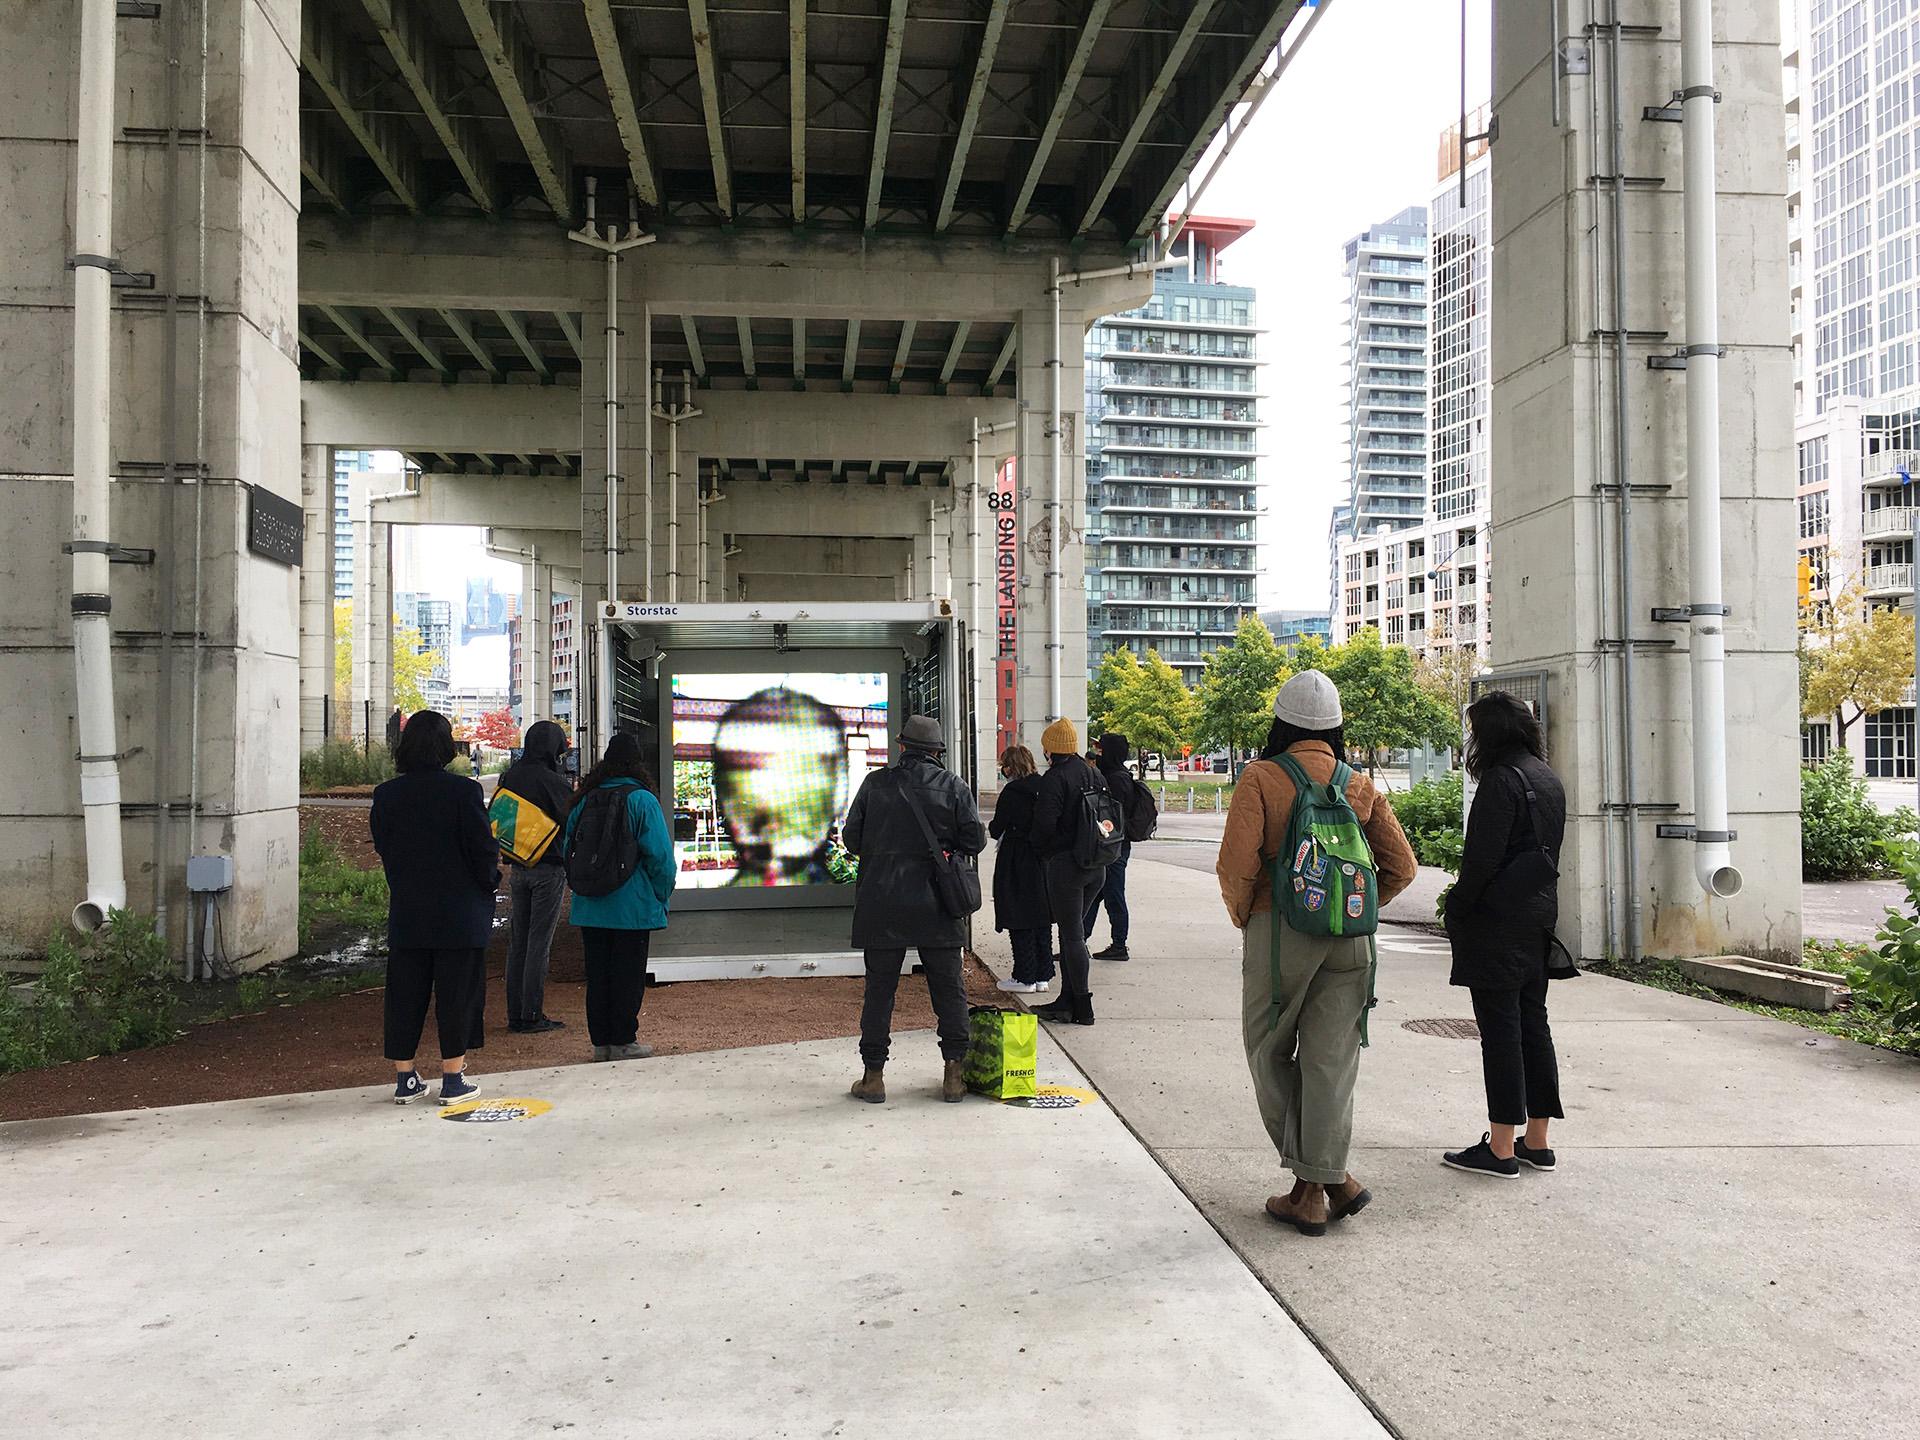 The Commons: Public Space, Public Art